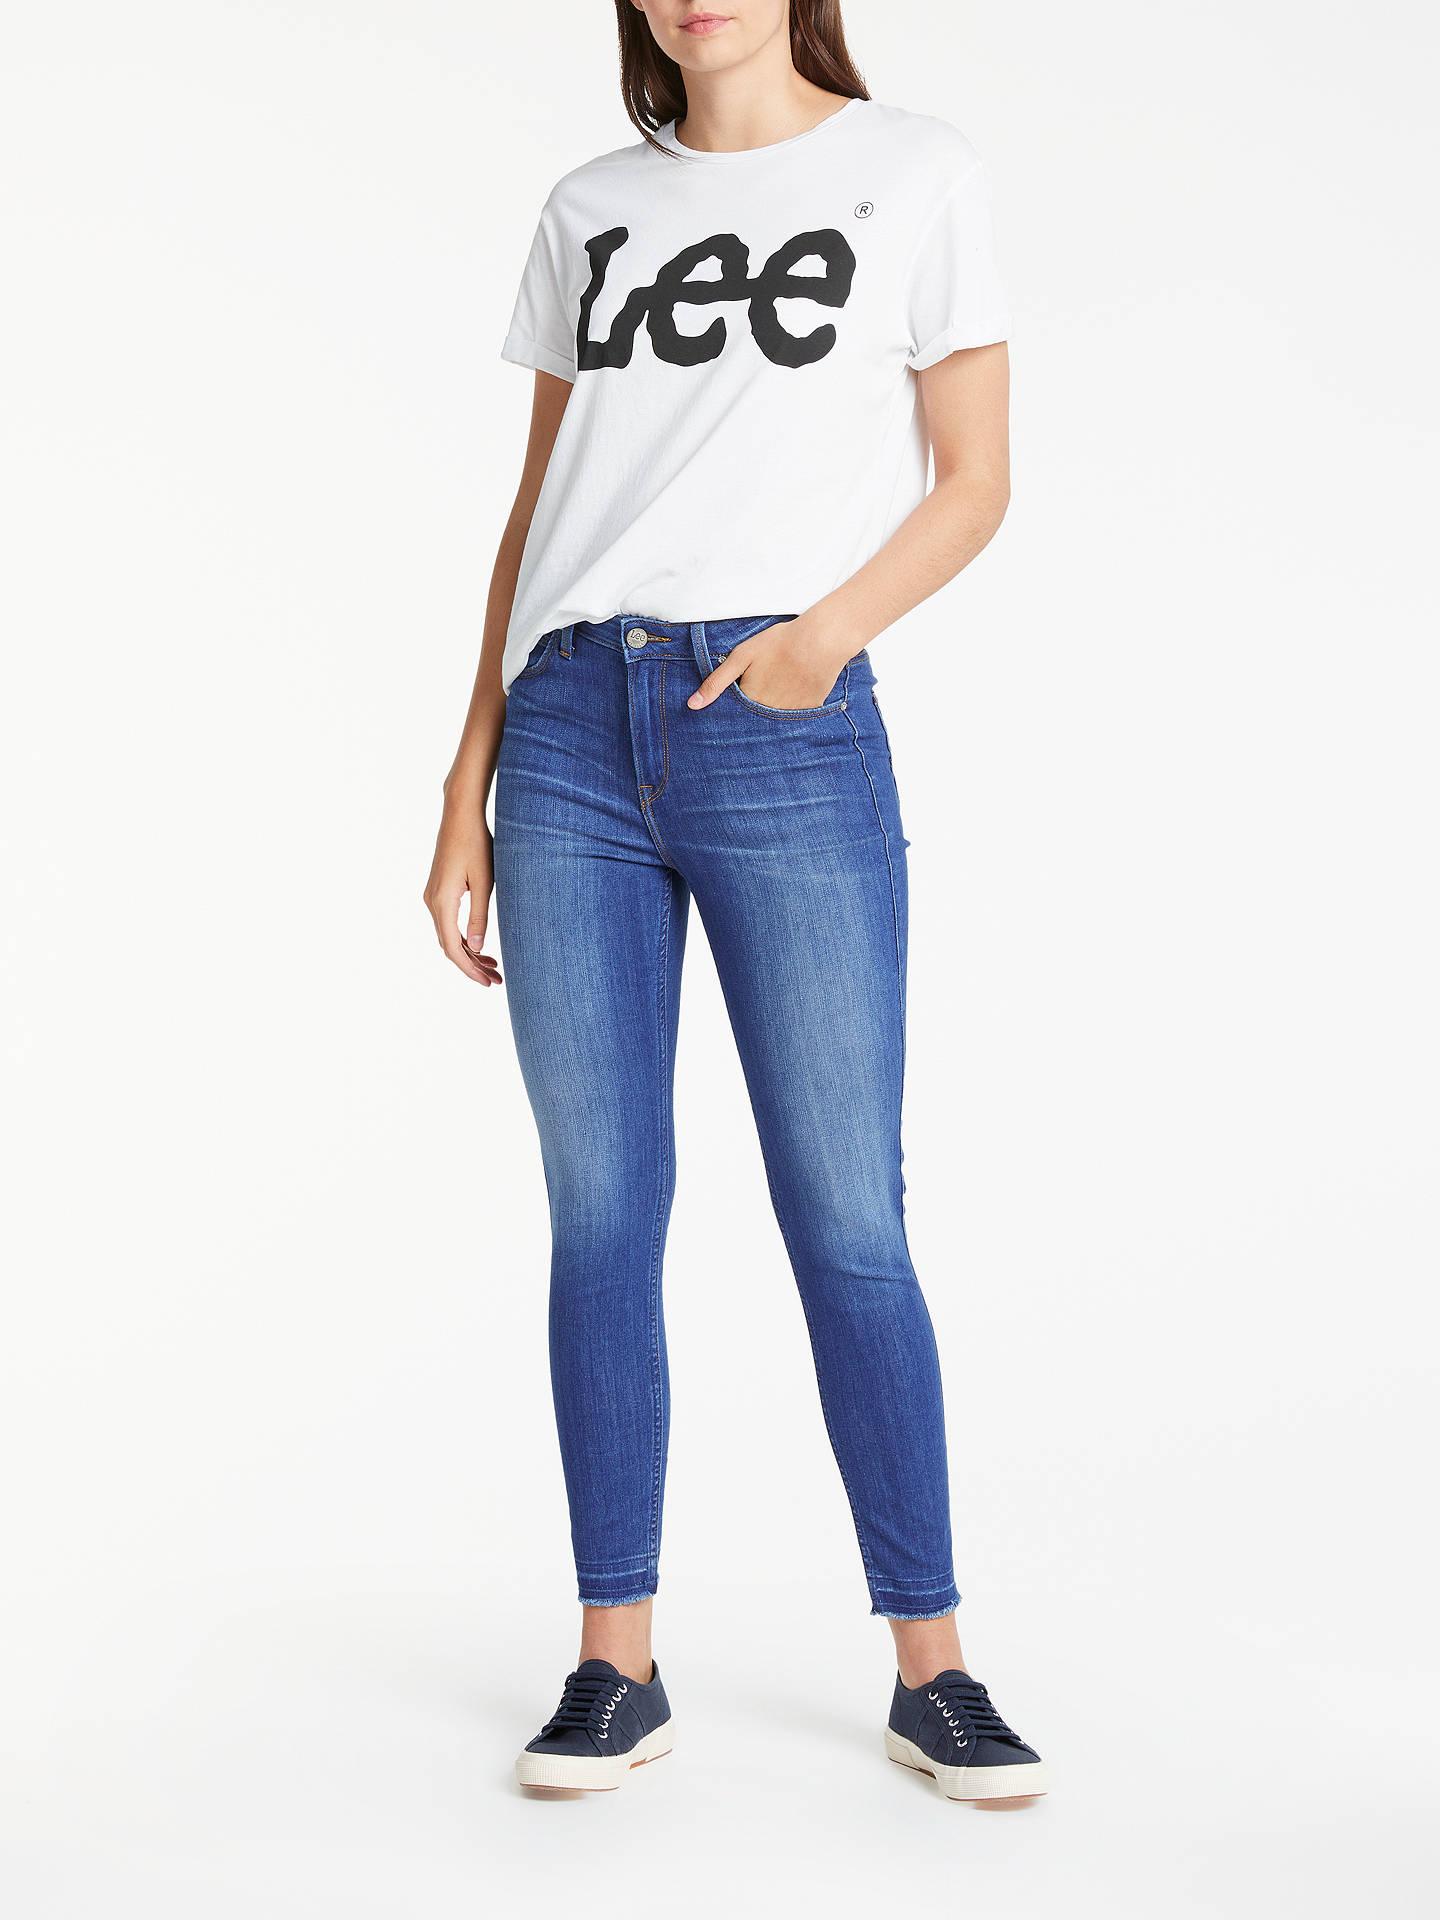 19025c2a ... Buy Lee Scarlett High Waist Skinny Jeans, Worn Out Misfit, W27/L31  Online ...